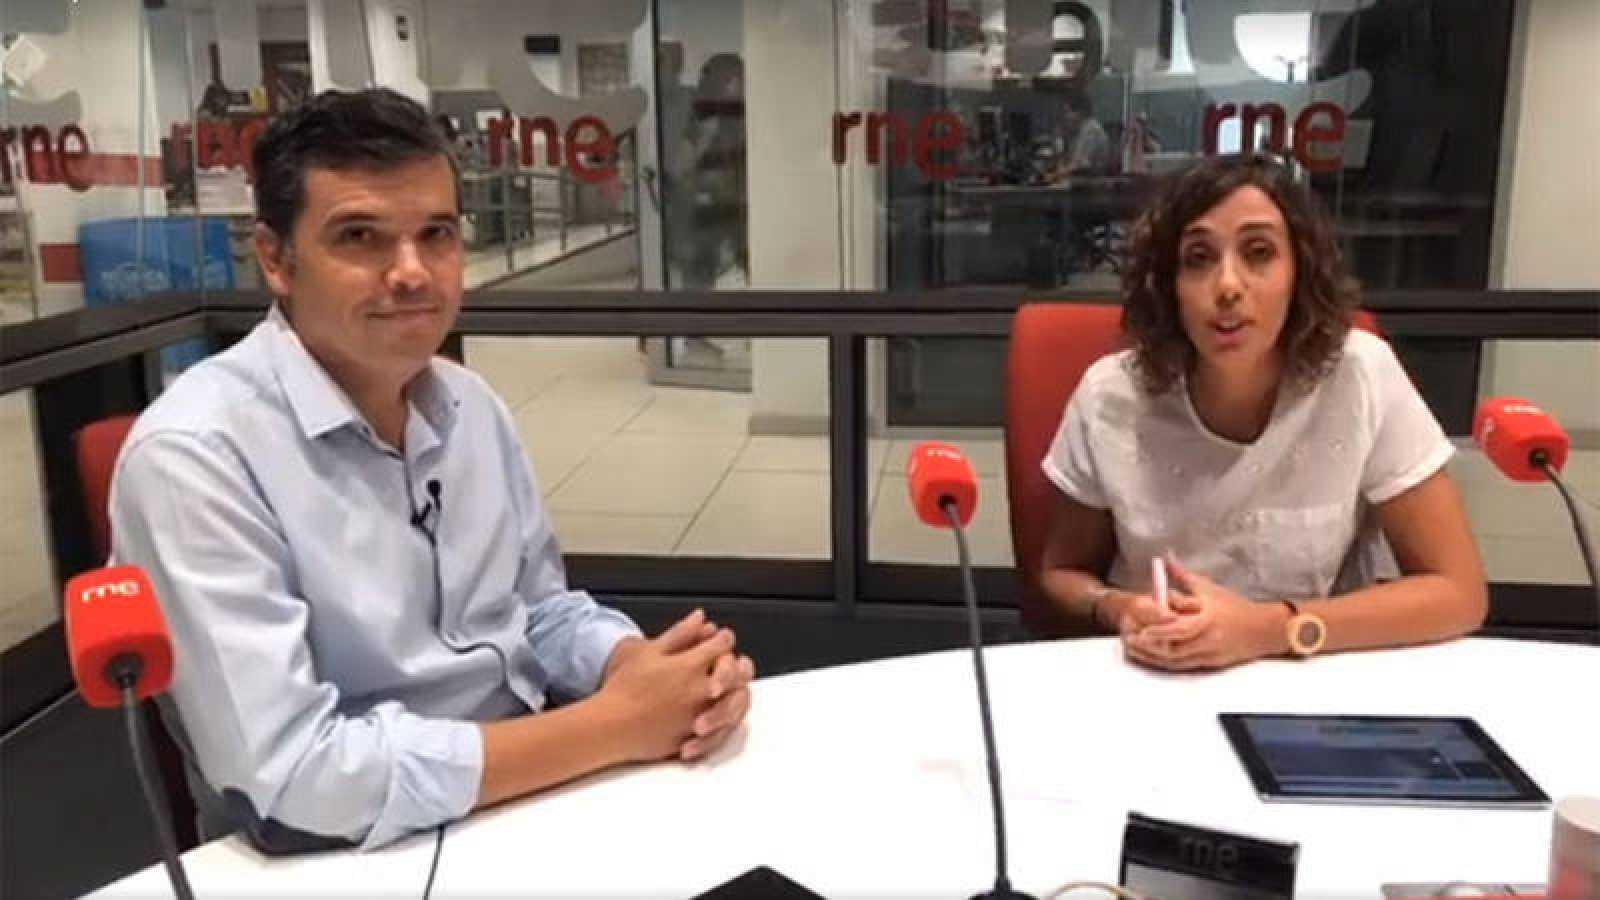 Alfredo Menéndez y Raquel Martín Alonso, en un momento del videoencuentro.